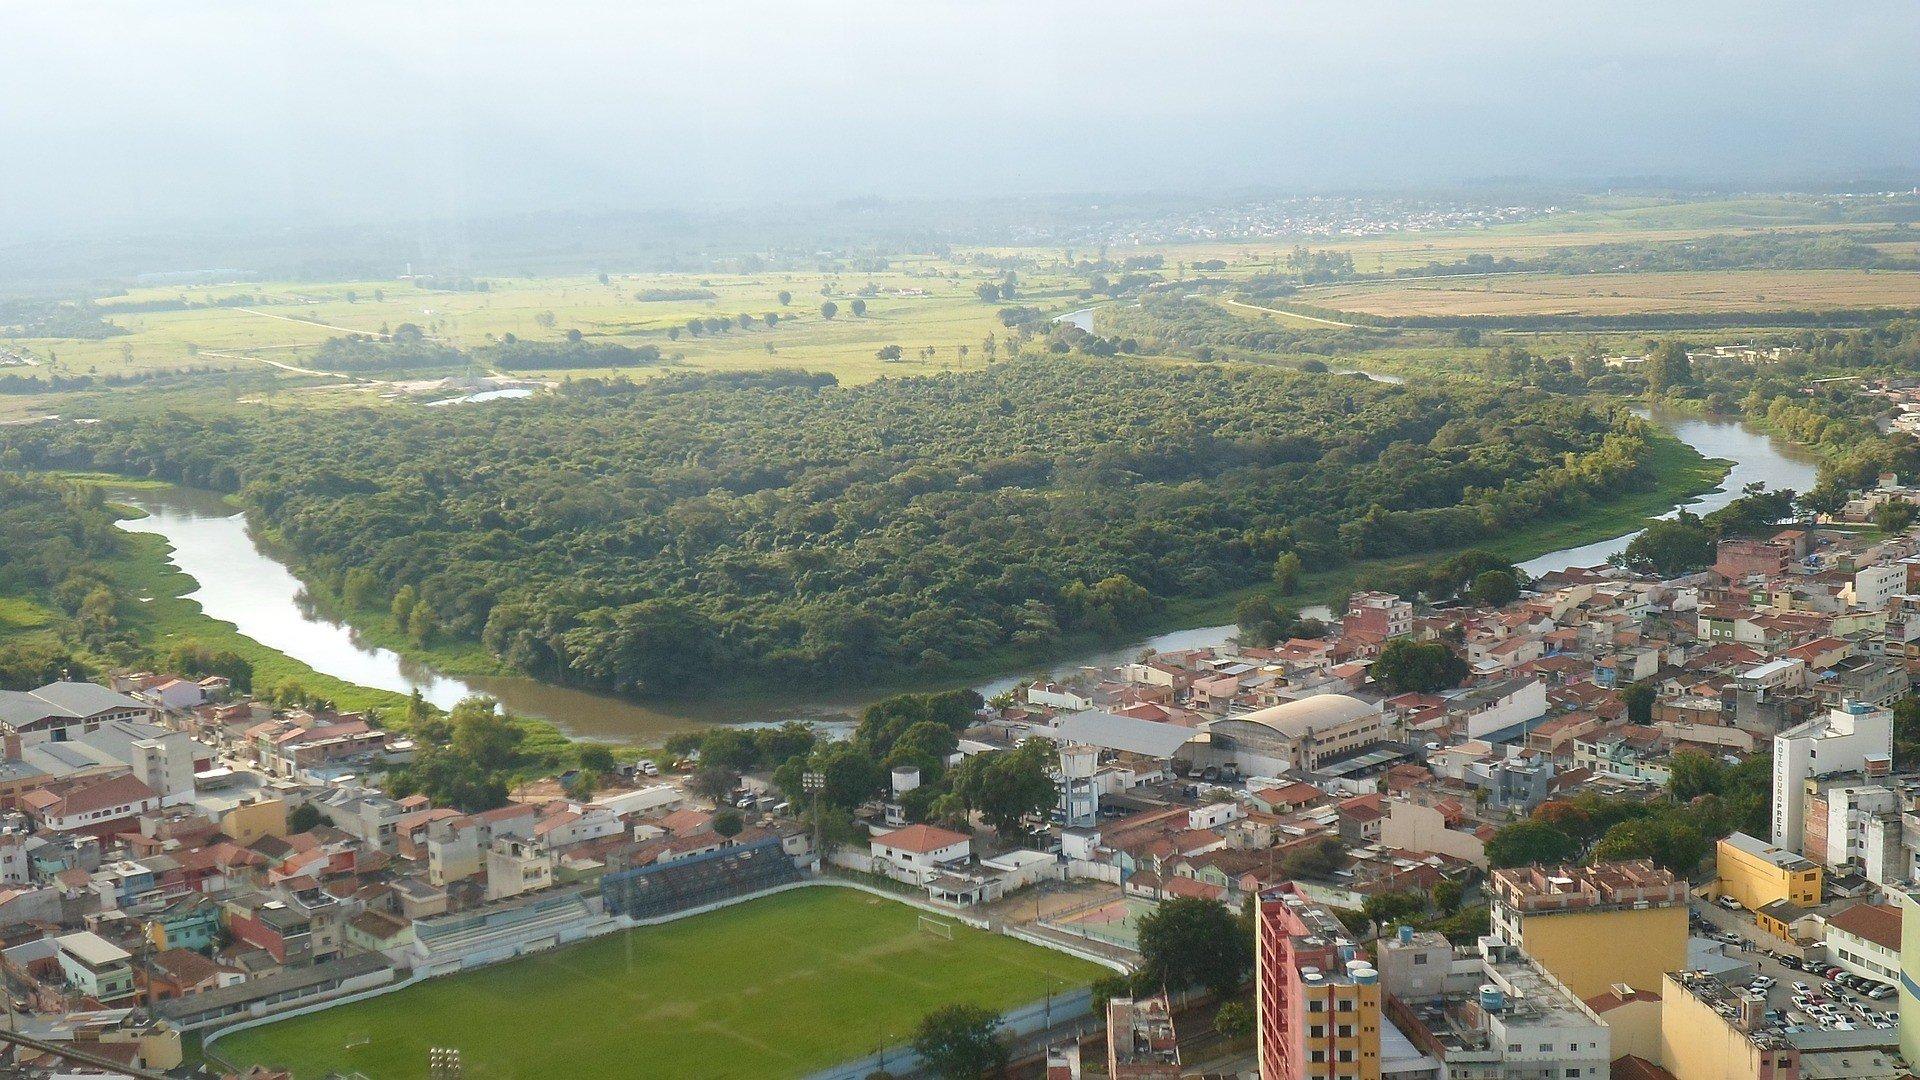 Вырубка бразильских лесов приведет к катастрофе